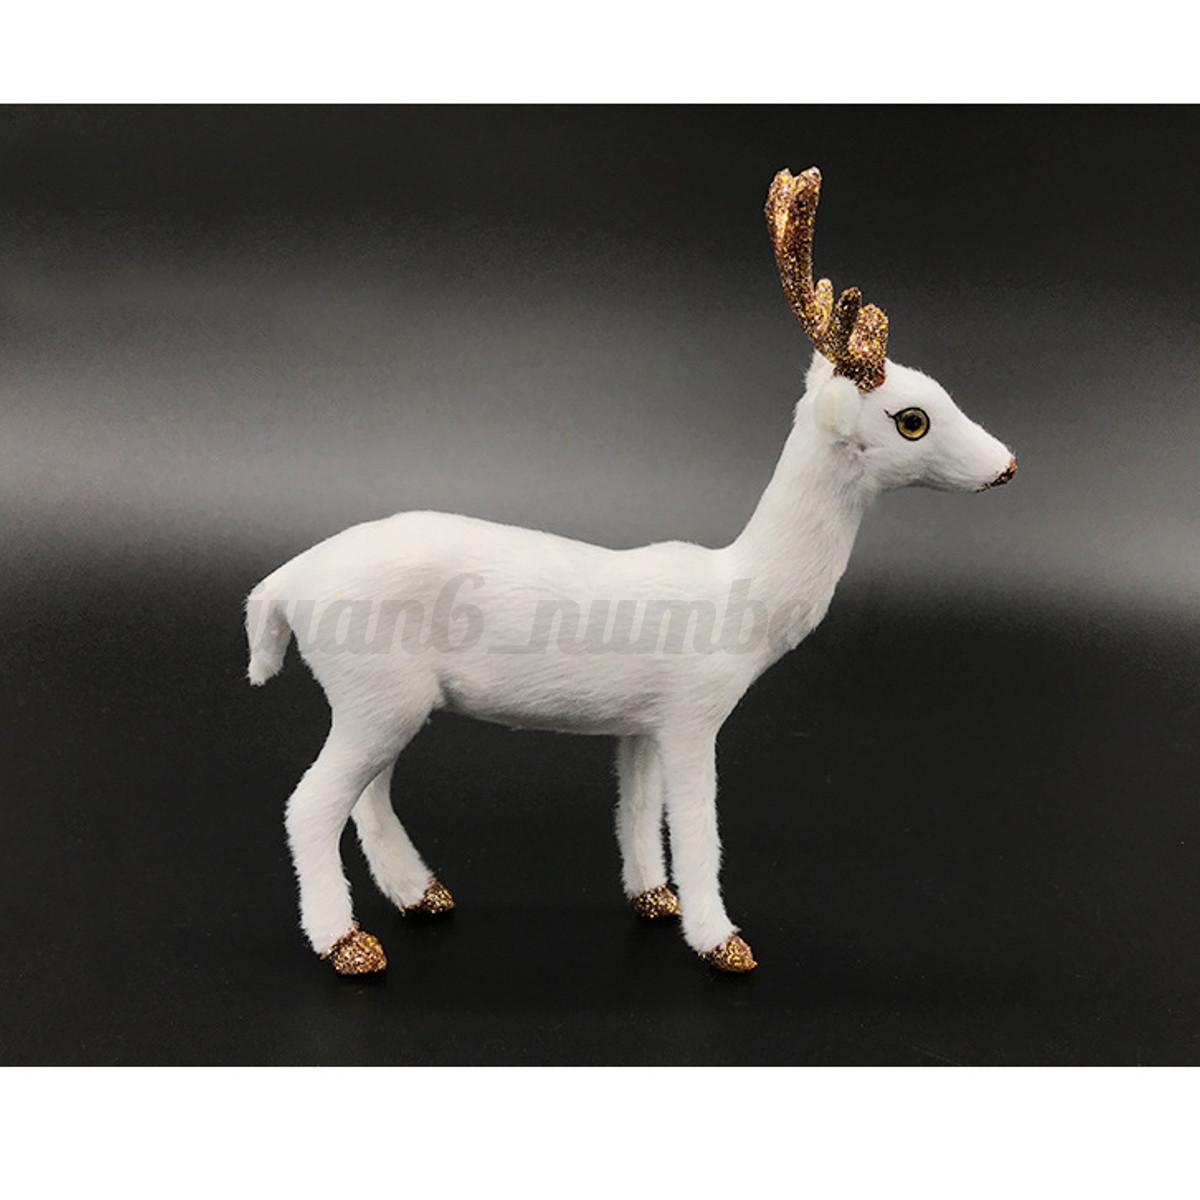 Natale-Cervo-Peluche-Simulazione-Albero-di-Festa-Ornamento-Regalo-Festa-Decor miniatura 10